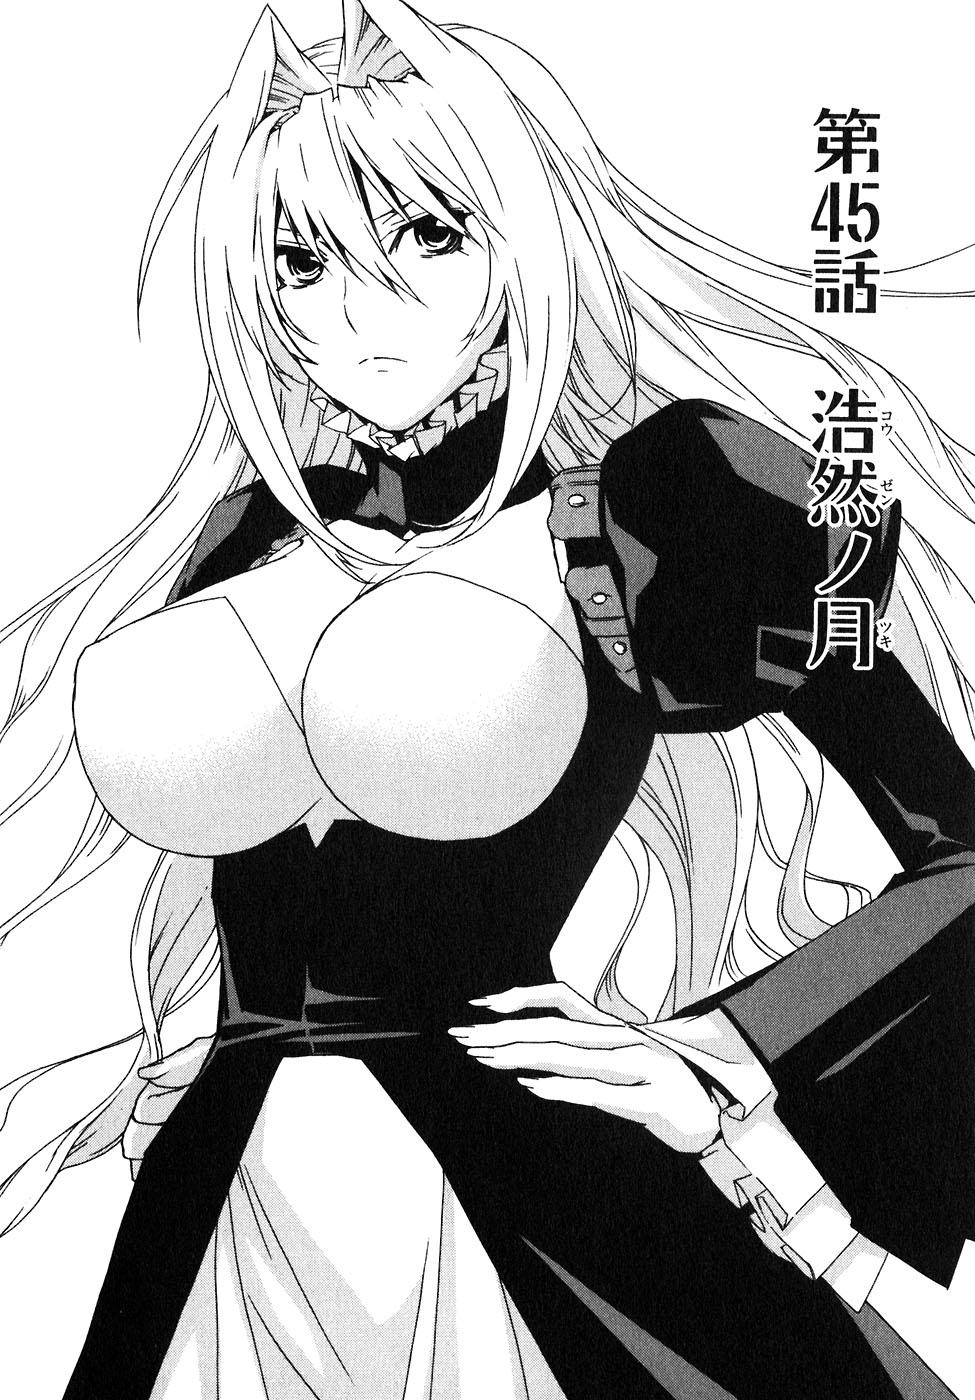 Sekirei manga chapter 045.jpg